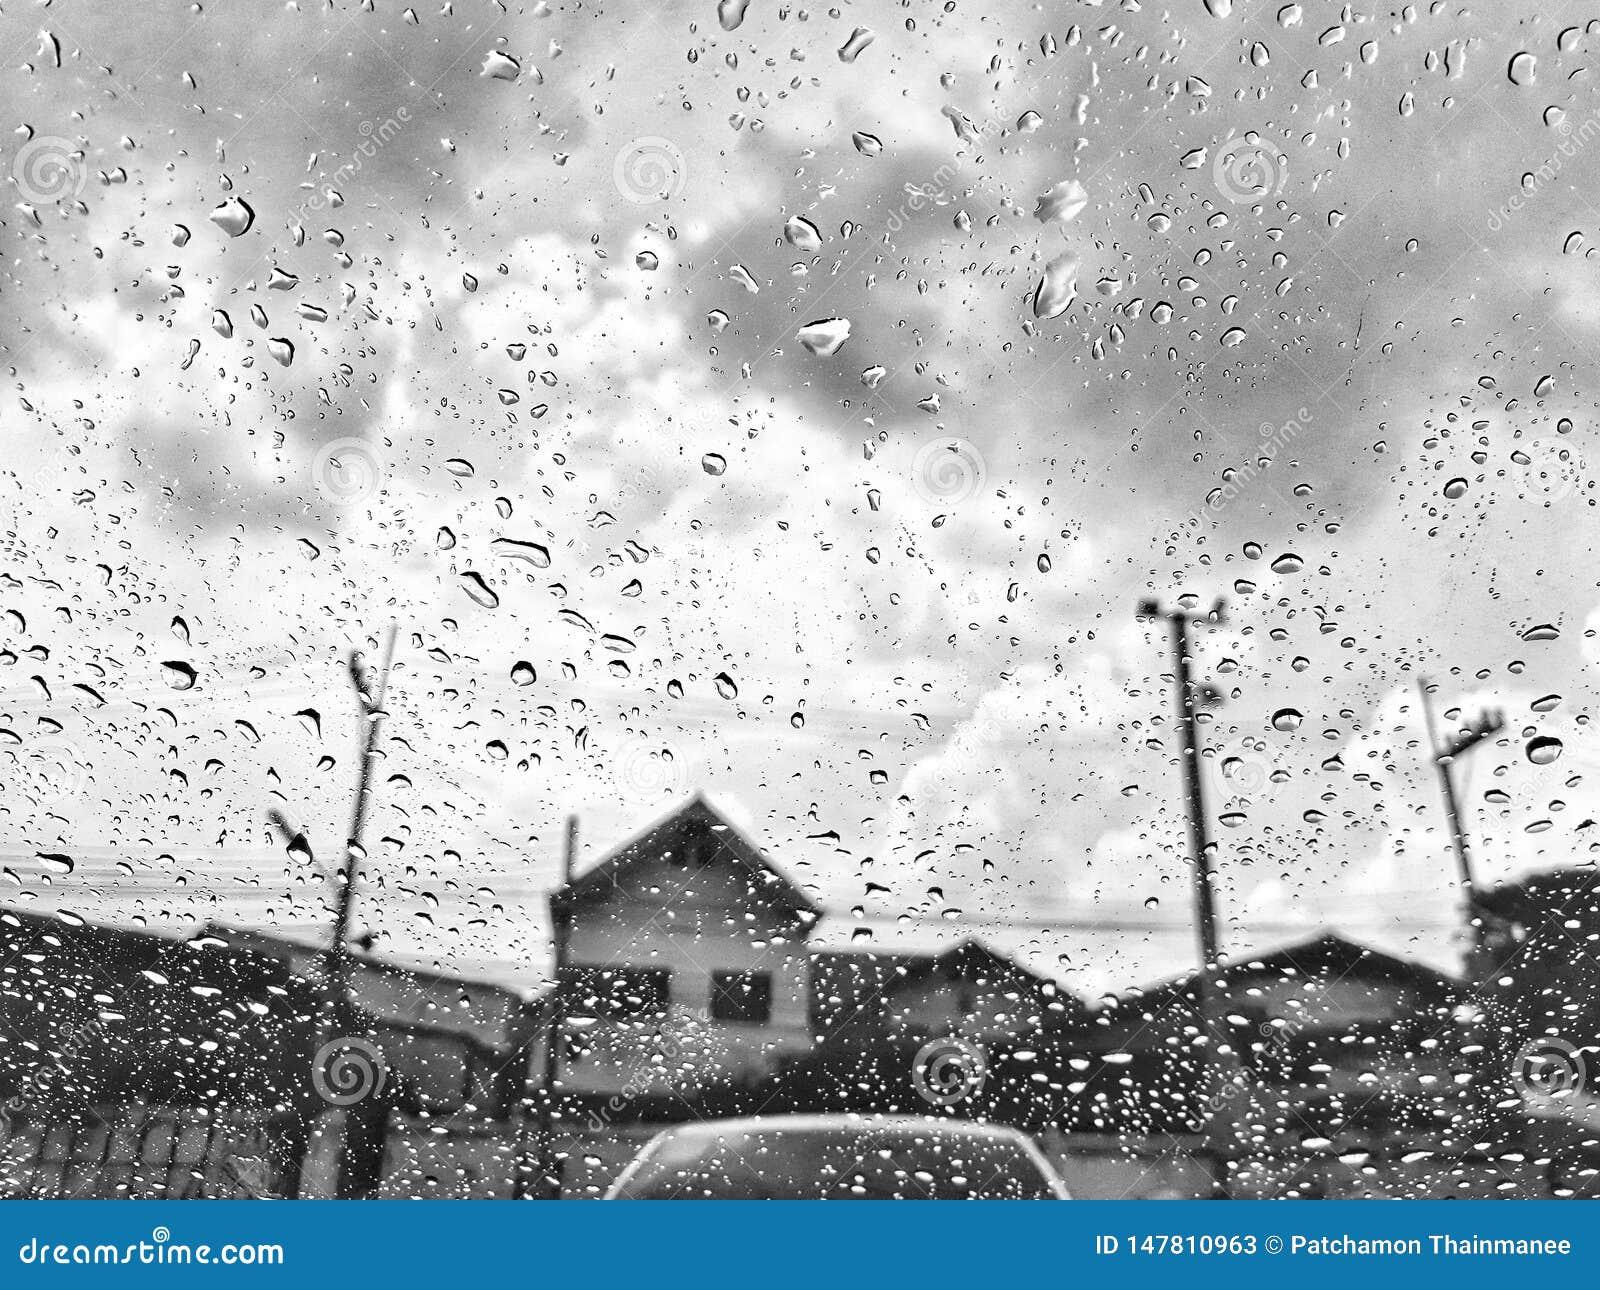 Imagens preto e branco, céu nublado, atmosfera chuvosa, assustador, estação das chuvas